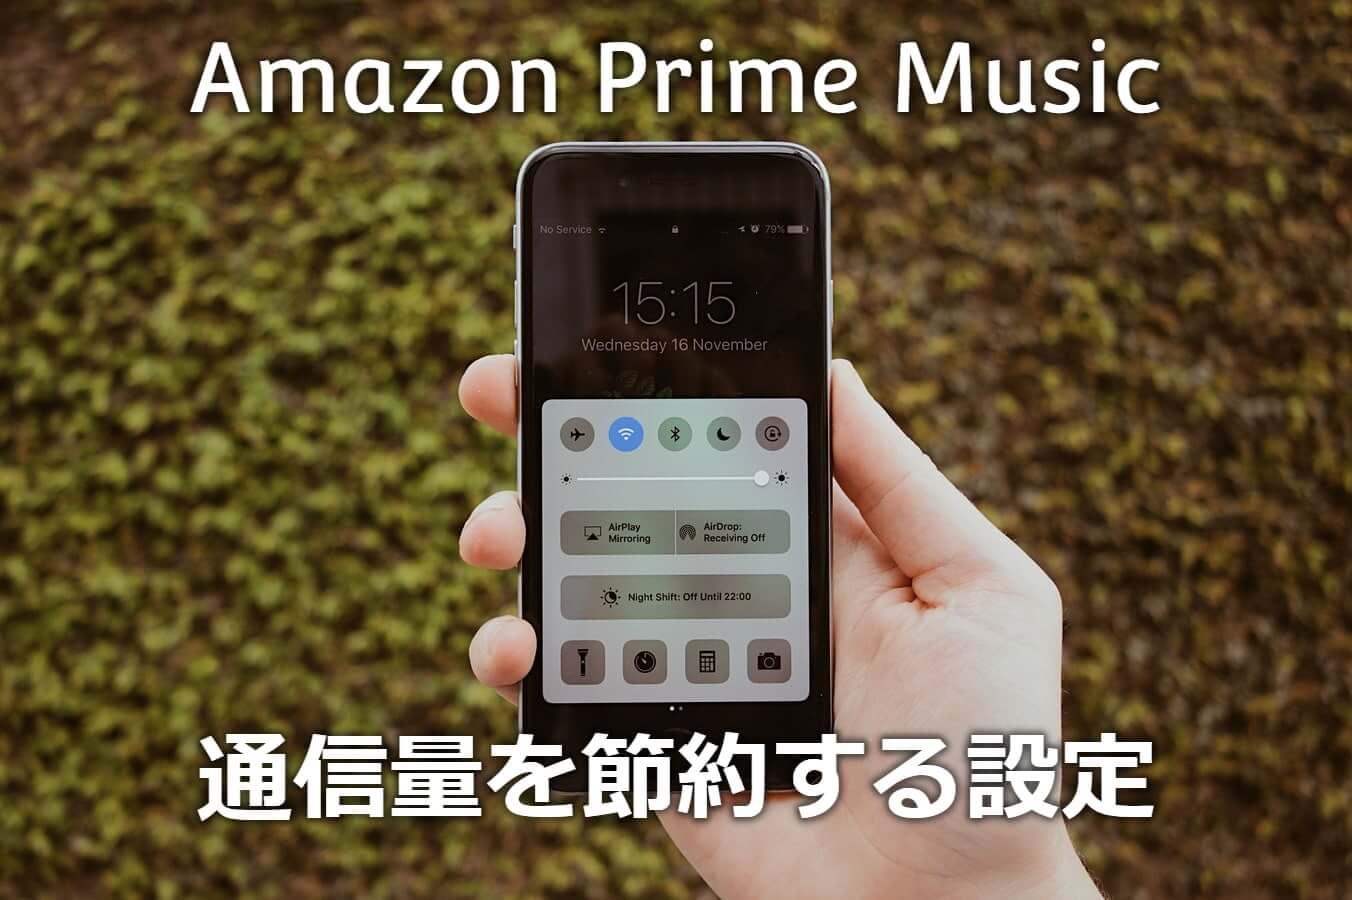 プライムミュージックで通信量を抑える設定。音楽はオフラインで聴こう